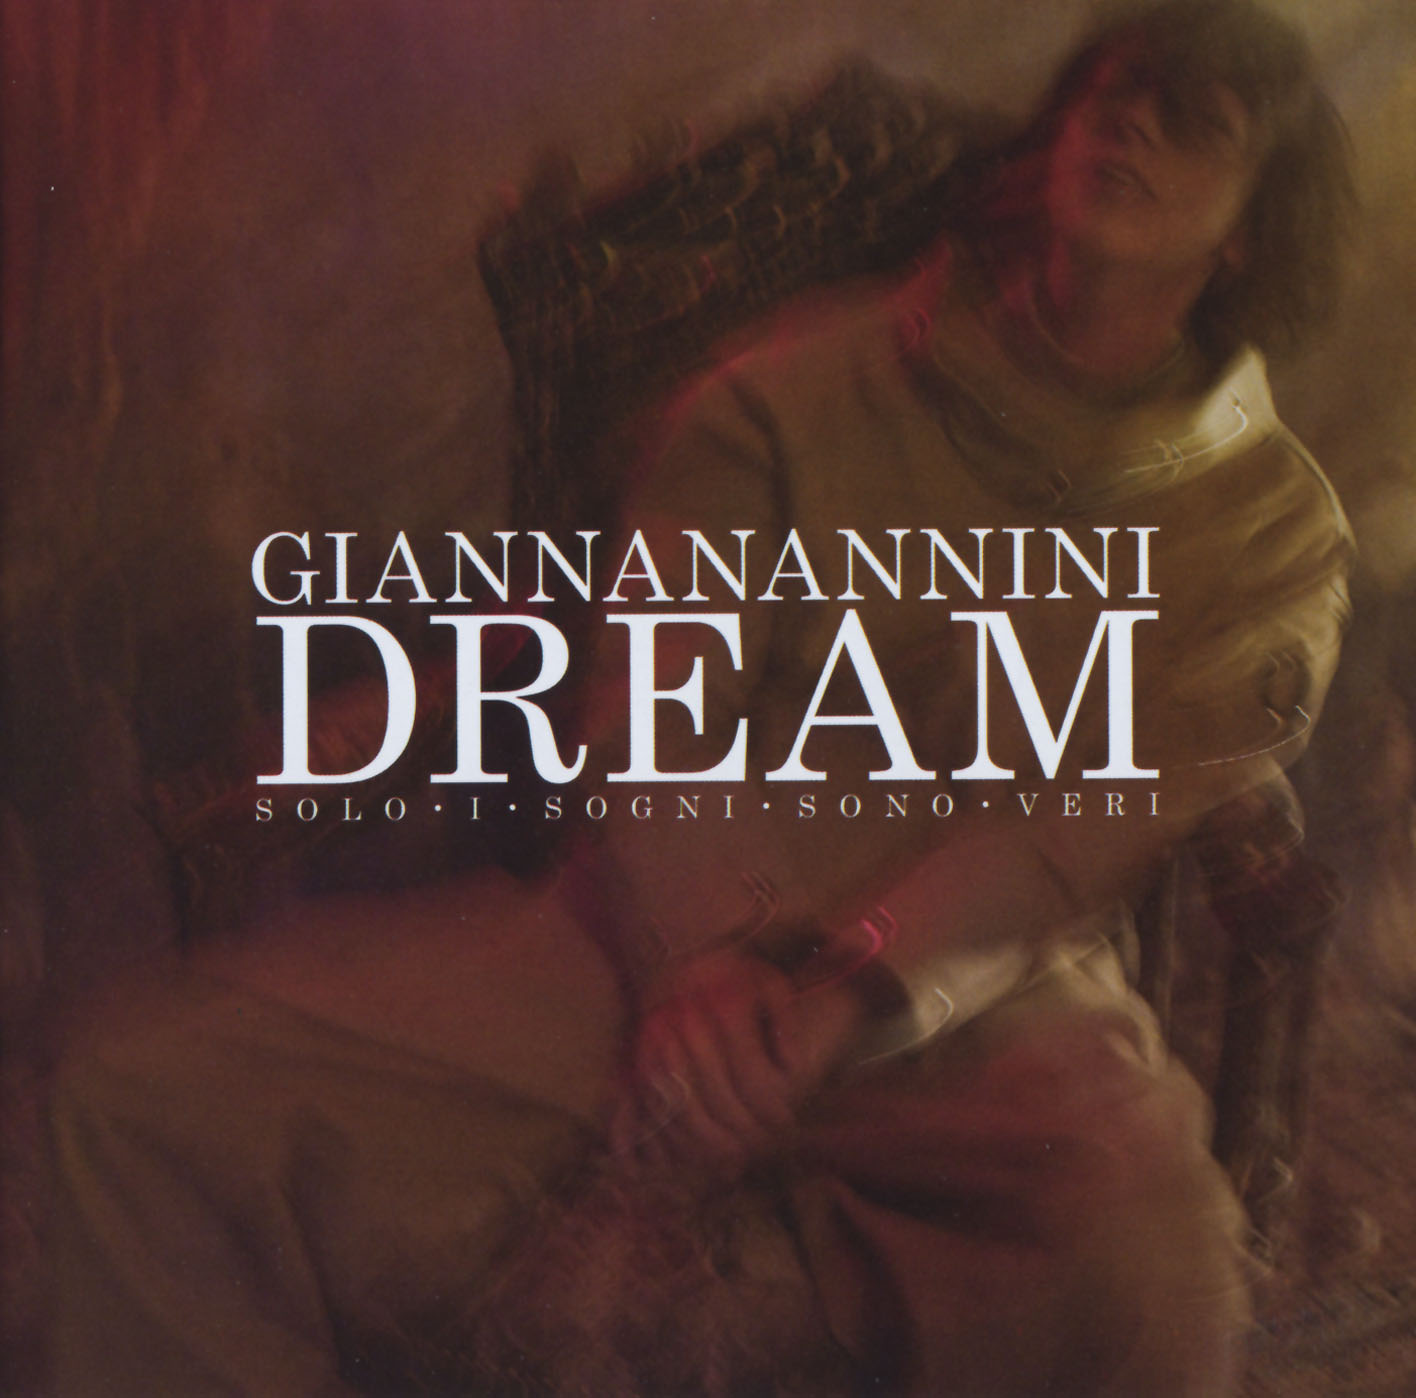 Dream – Solo I Sogni Sono Veri